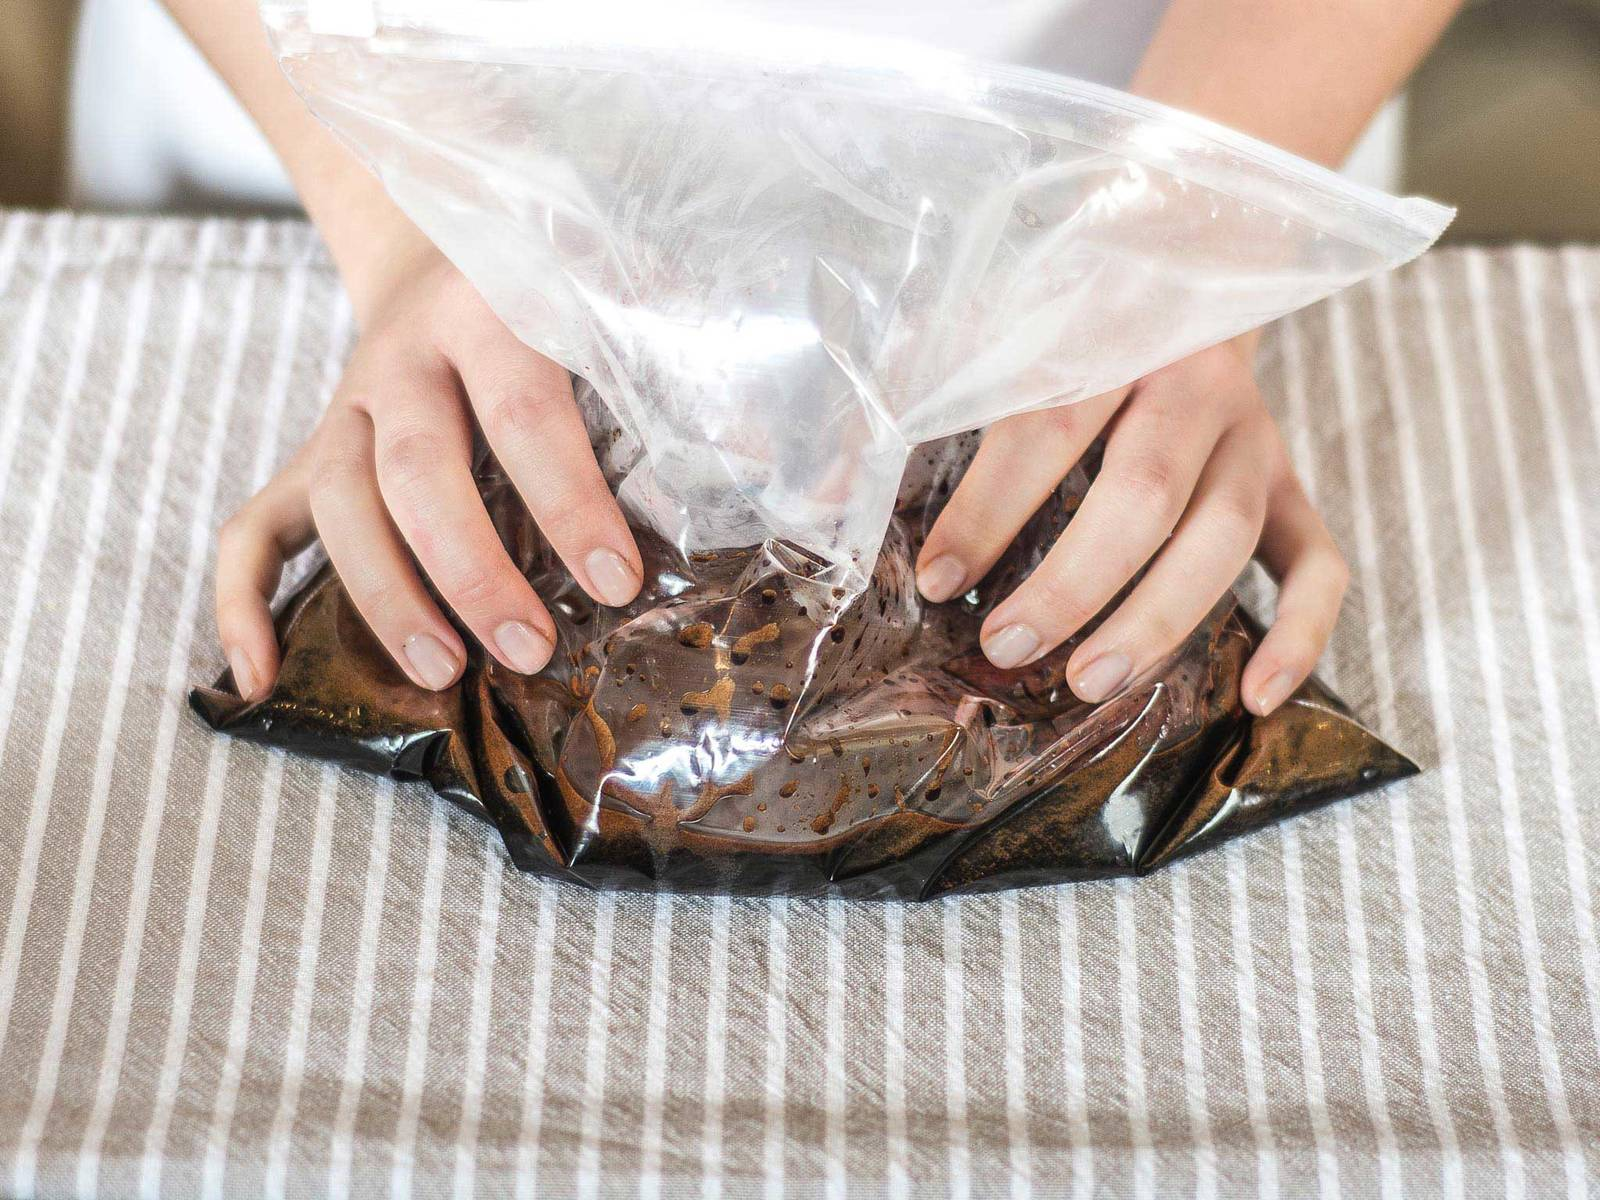 Lammstreifen für ca. 5 – 10 Min. in der gekühlten Marinade einlegen.